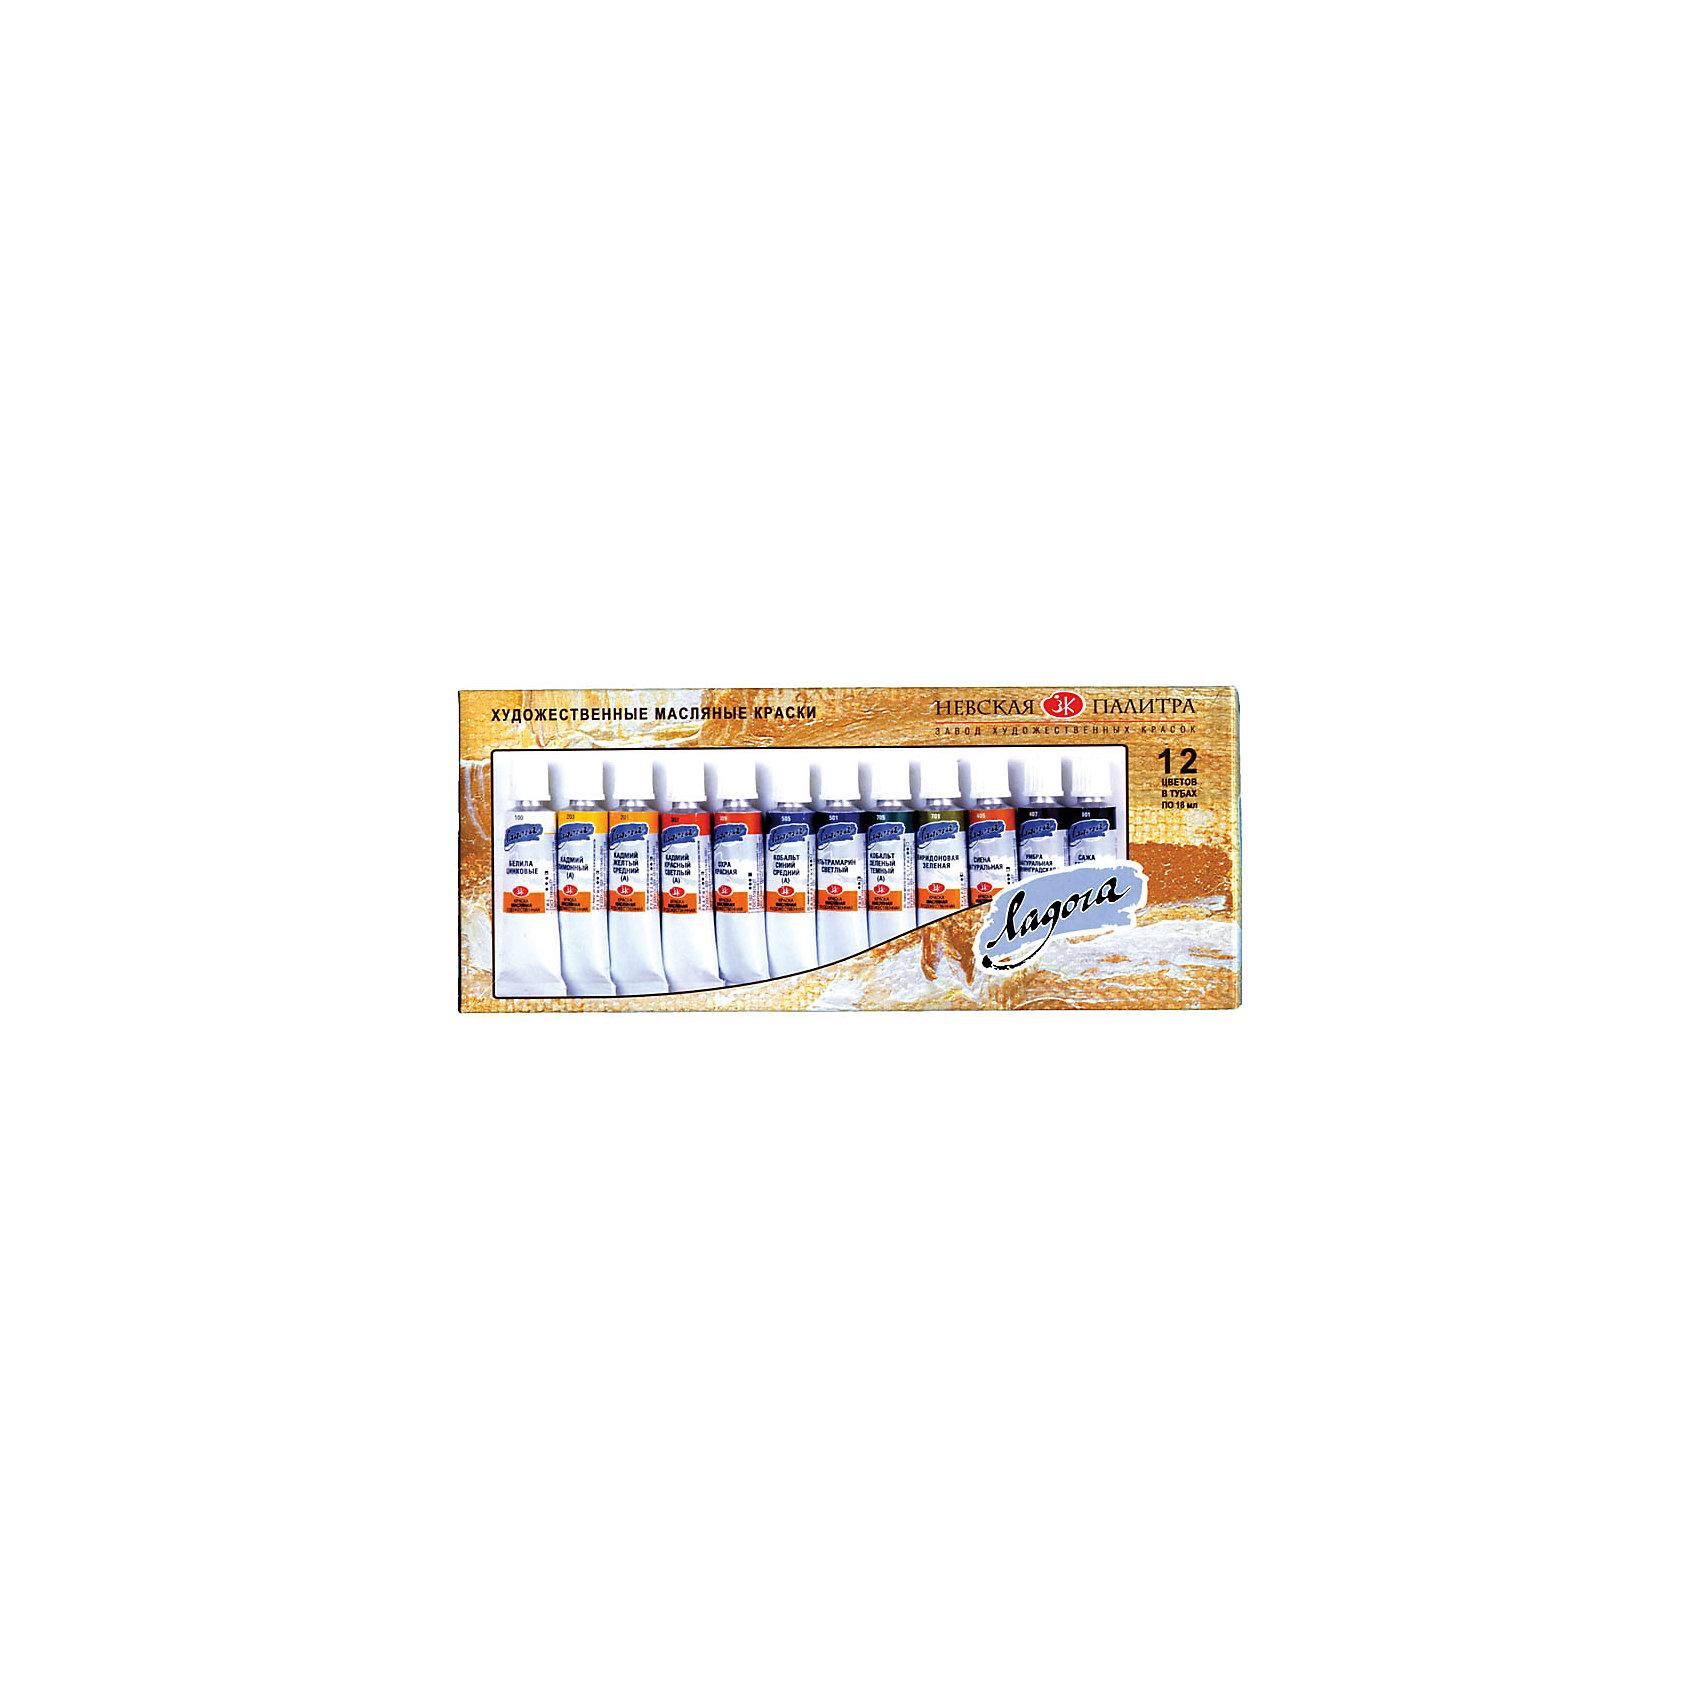 Краски масляные 12 цветов Ладога, 18мл/туба от myToys